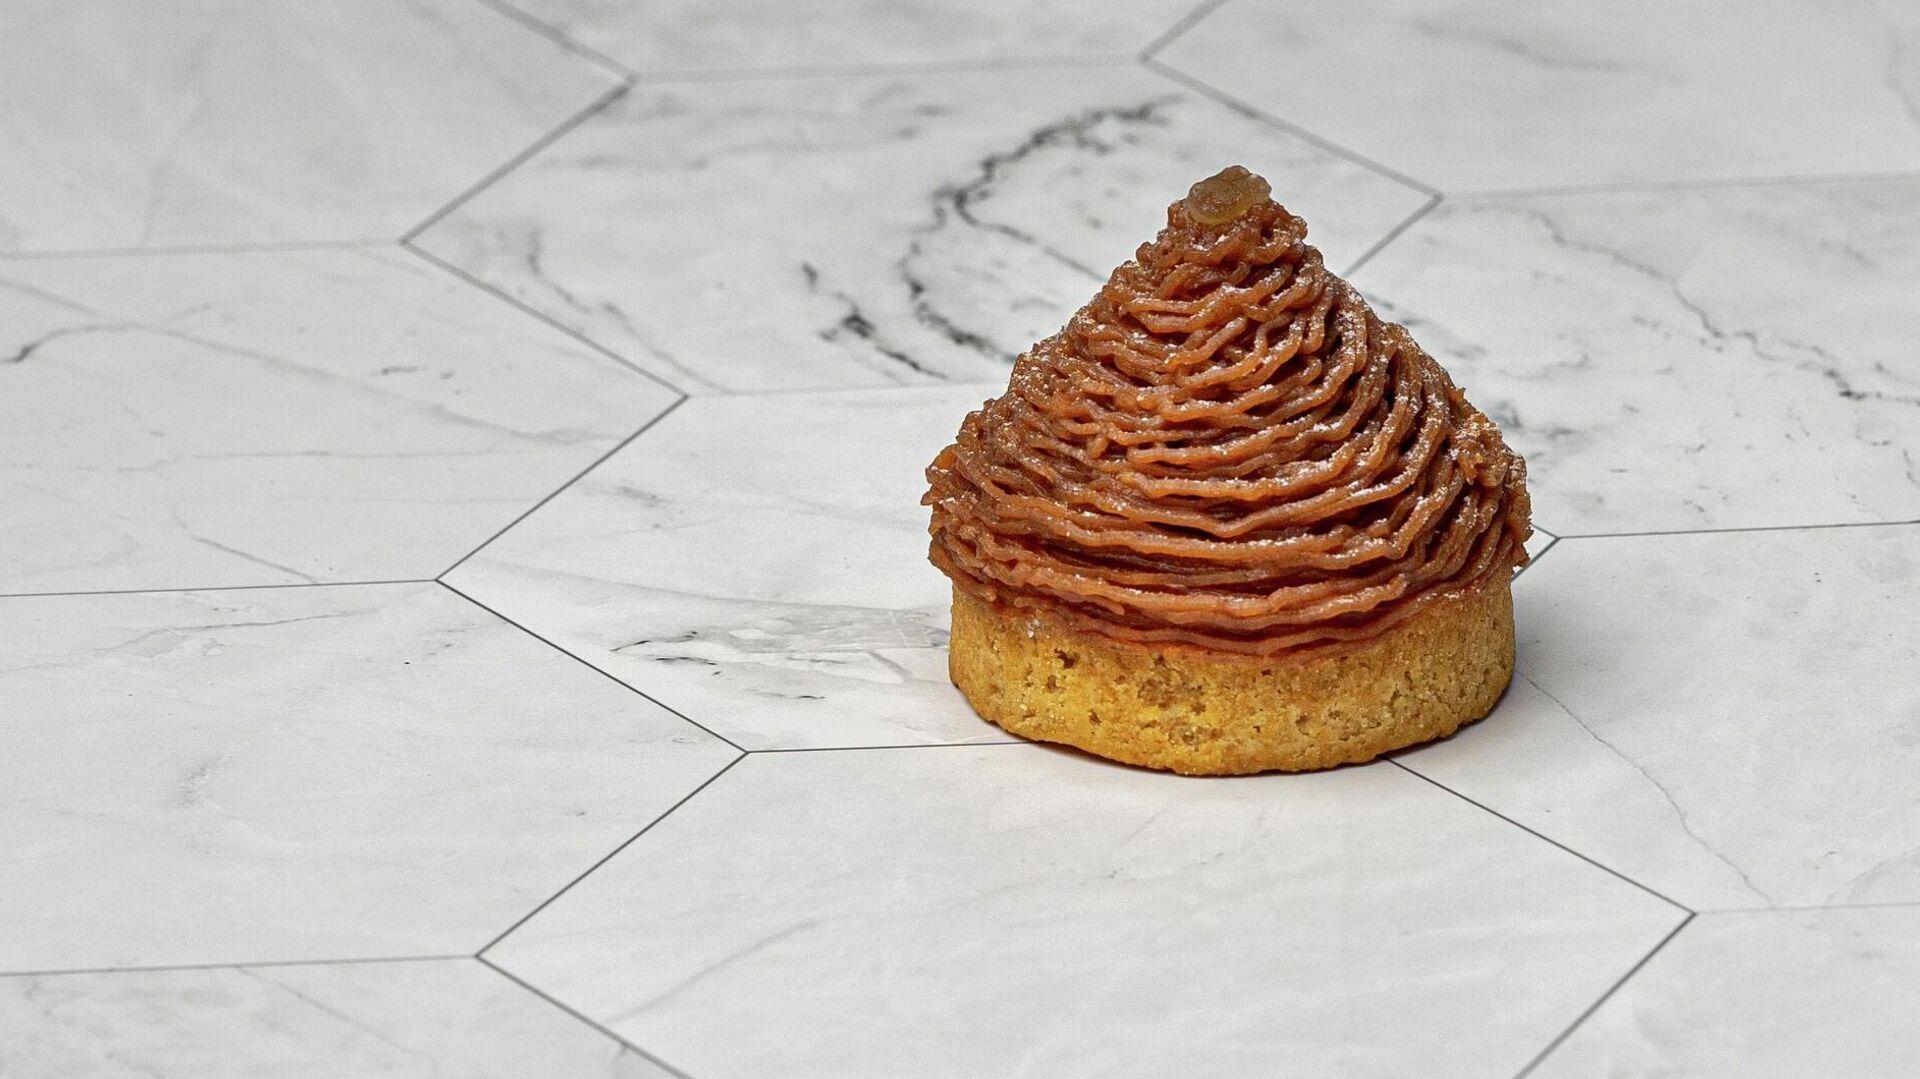 Un 'cupcake' en el suelo - Sputnik Mundo, 1920, 14.03.2021